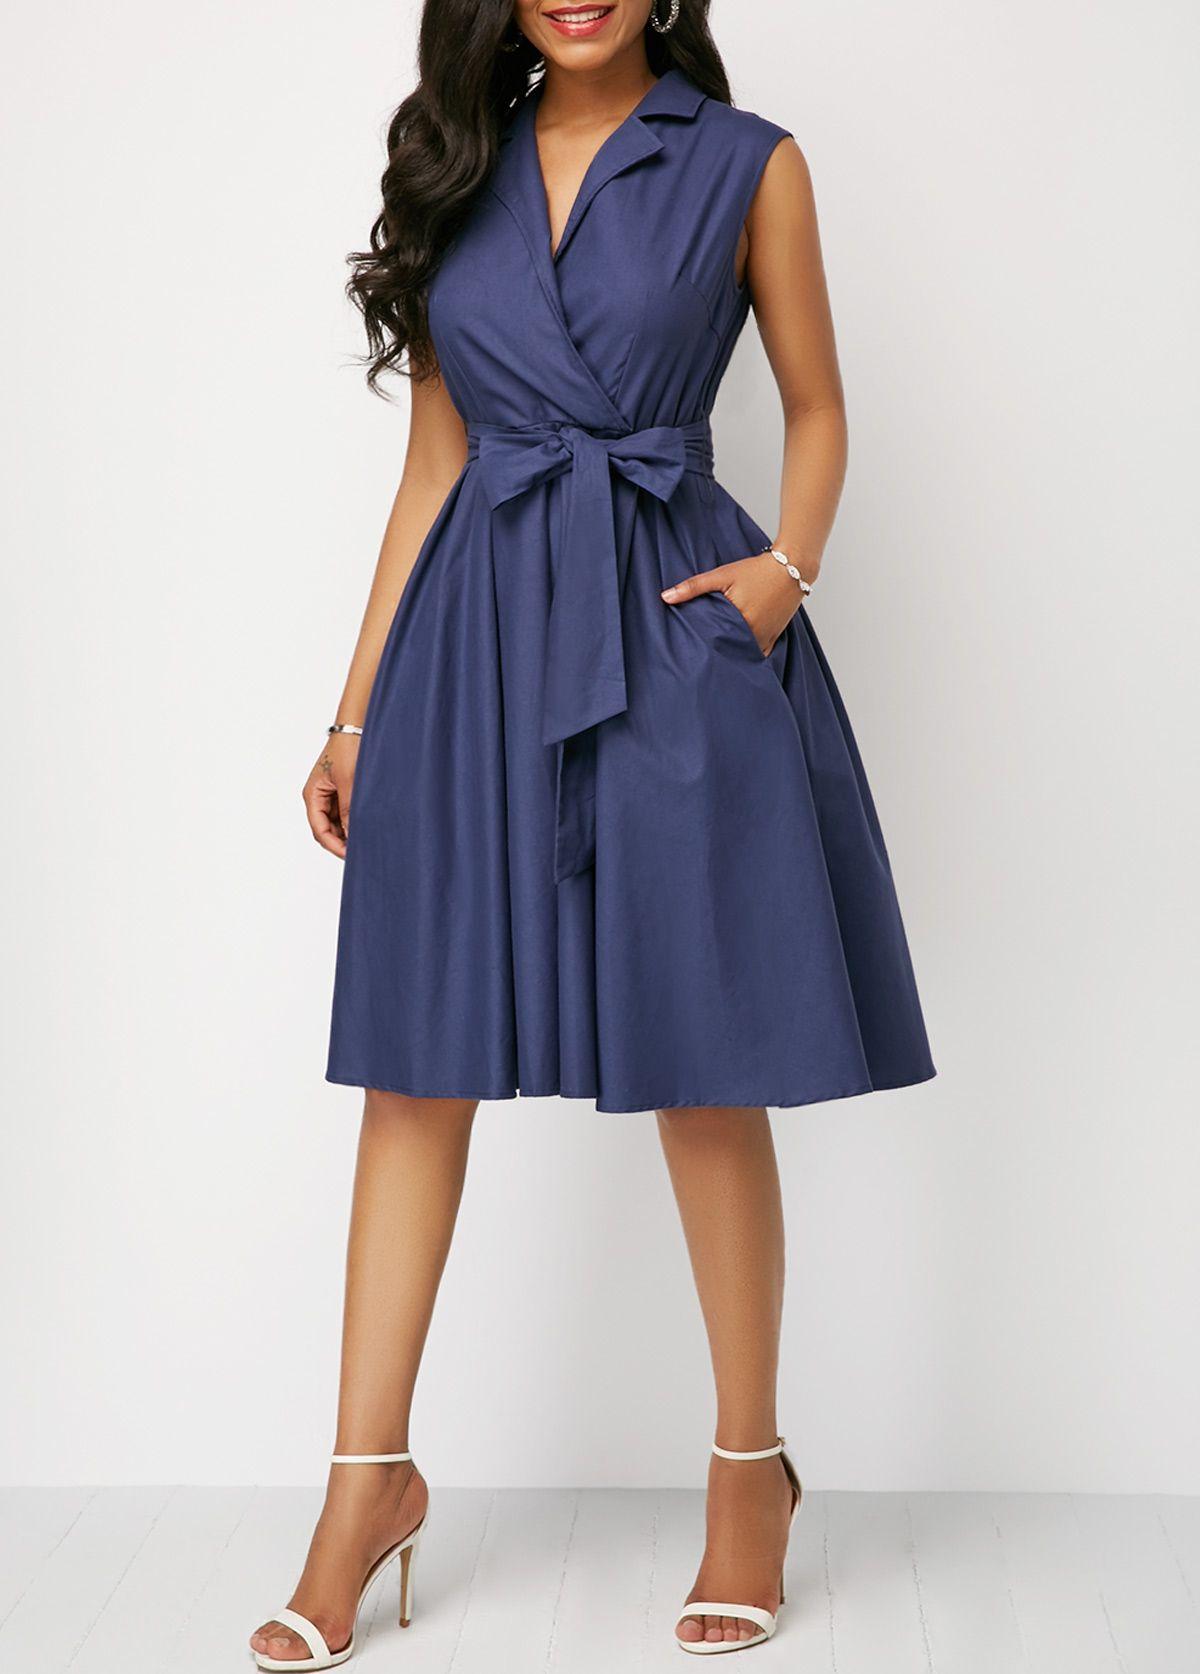 Belted High Waist Navy Blue Dress  Rosewe.com - USD $17.17